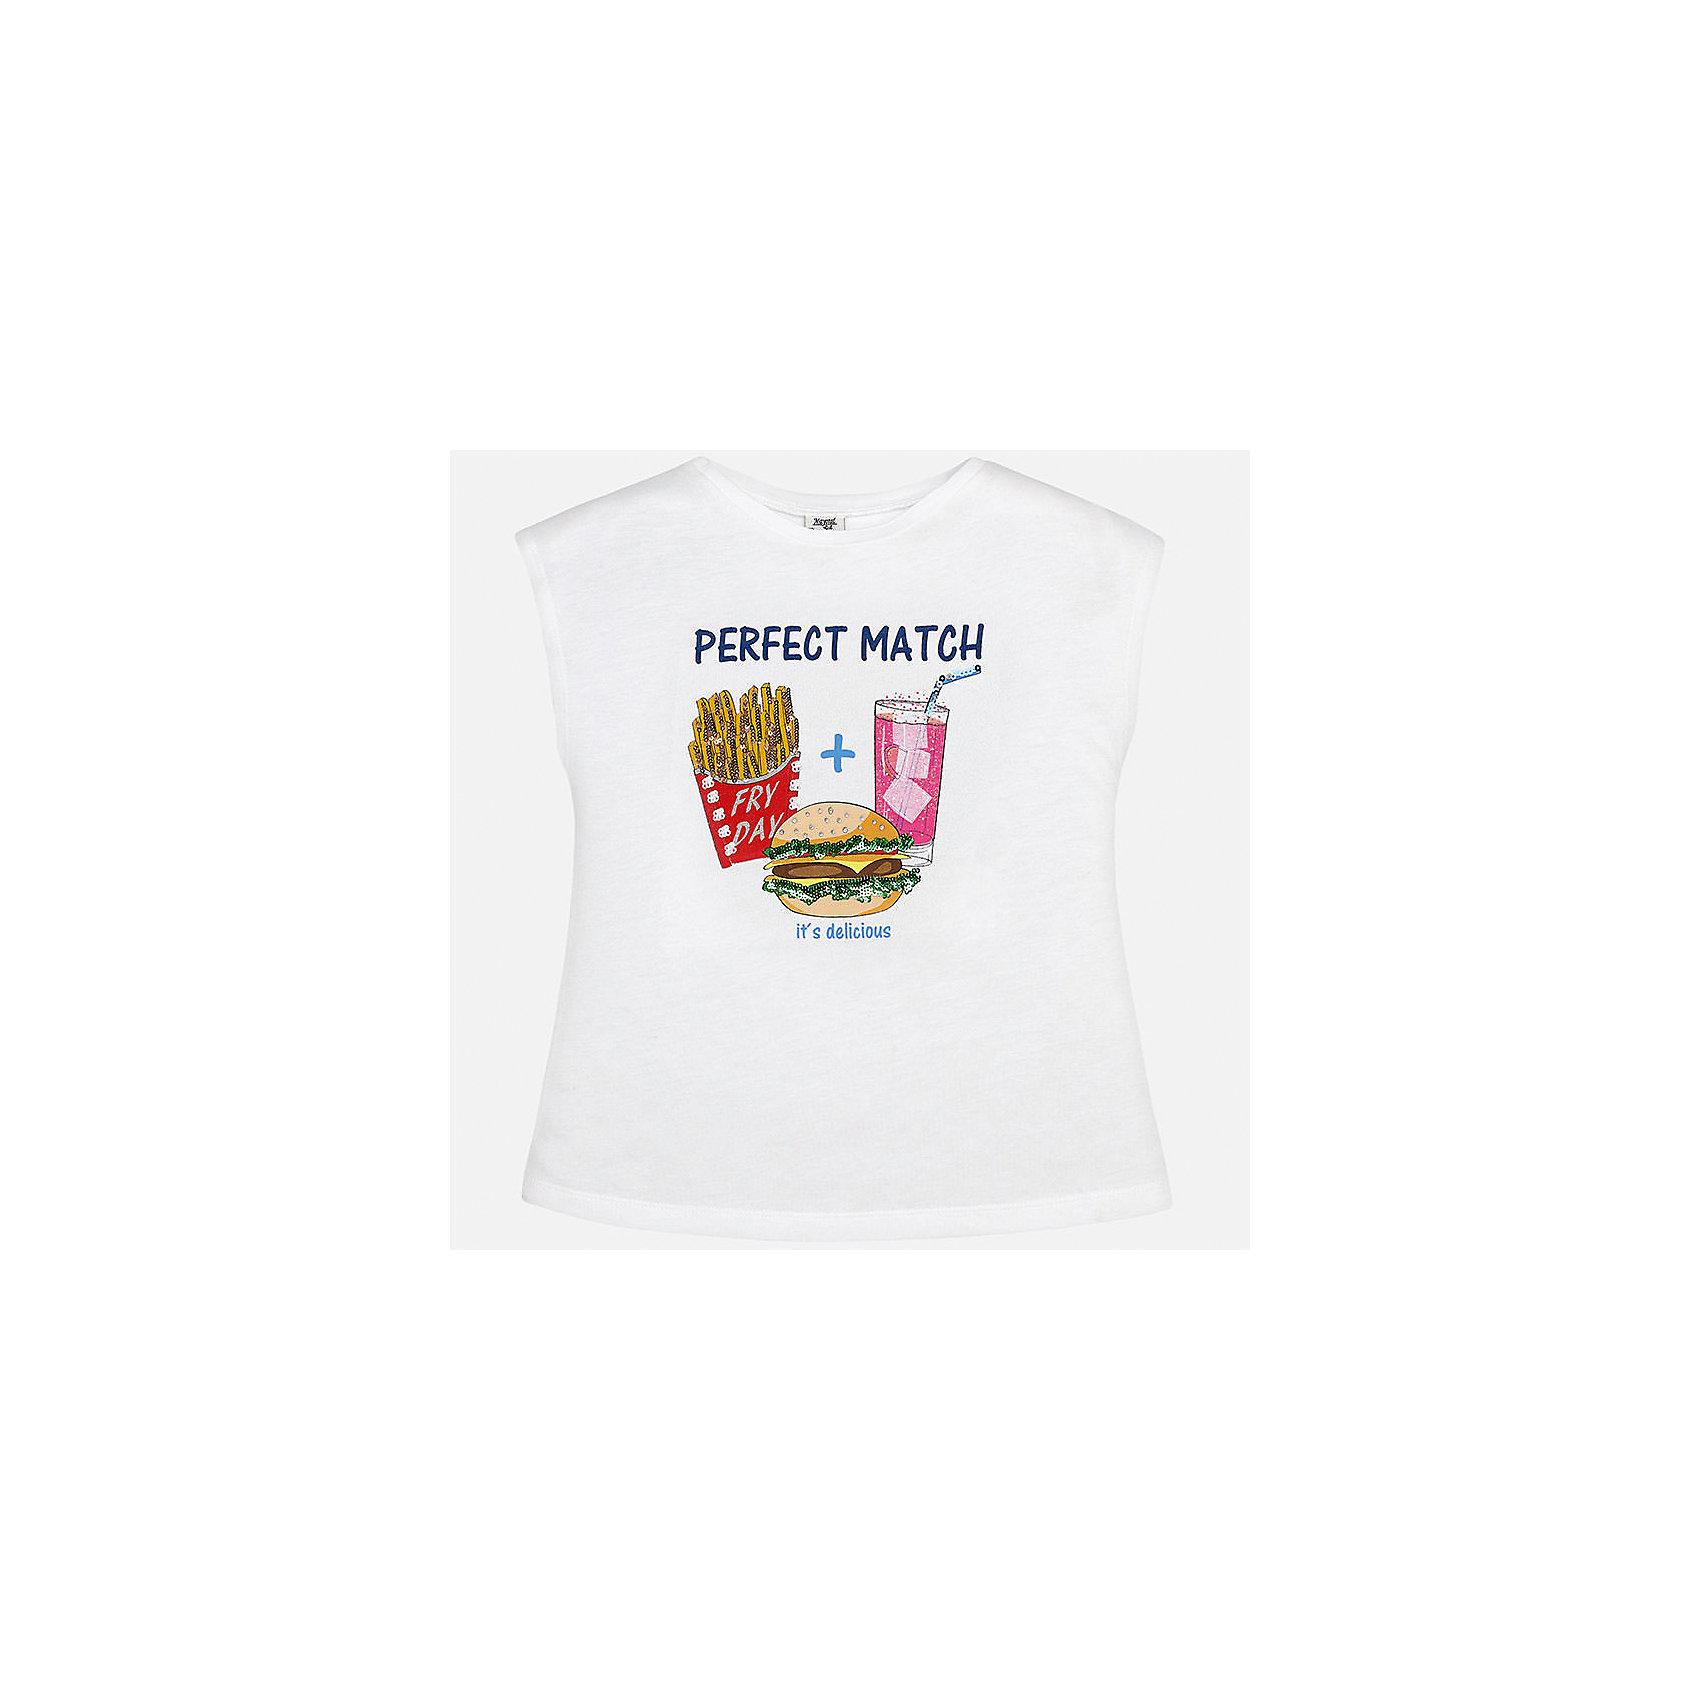 Футболка для девочки MayoralФутболки, поло и топы<br>Характеристики товара:<br><br>• цвет: белый<br>• состав: 50% хлопок, 50% модал<br>• спинка присборена<br>• декорирована принтом<br>• без рукавов<br>• страна бренда: Испания<br><br>Стильная оригинальная футболка для девочки поможет разнообразить гардероб ребенка и украсить наряд. Она отлично сочетается и с юбками, и с шортами, и с брюками. Универсальный цвет позволяет подобрать к вещи низ практически любой расцветки. Интересная отделка модели делает её нарядной и оригинальной. В составе материала - натуральный хлопок, гипоаллергенный, приятный на ощупь, дышащий.<br><br>Одежда, обувь и аксессуары от испанского бренда Mayoral полюбились детям и взрослым по всему миру. Модели этой марки - стильные и удобные. Для их производства используются только безопасные, качественные материалы и фурнитура. Порадуйте ребенка модными и красивыми вещами от Mayoral! <br><br>Футболку для девочки от испанского бренда Mayoral (Майорал) можно купить в нашем интернет-магазине.<br><br>Ширина мм: 199<br>Глубина мм: 10<br>Высота мм: 161<br>Вес г: 151<br>Цвет: белый<br>Возраст от месяцев: 84<br>Возраст до месяцев: 96<br>Пол: Женский<br>Возраст: Детский<br>Размер: 128/134,170,164,158,152,140<br>SKU: 5300779